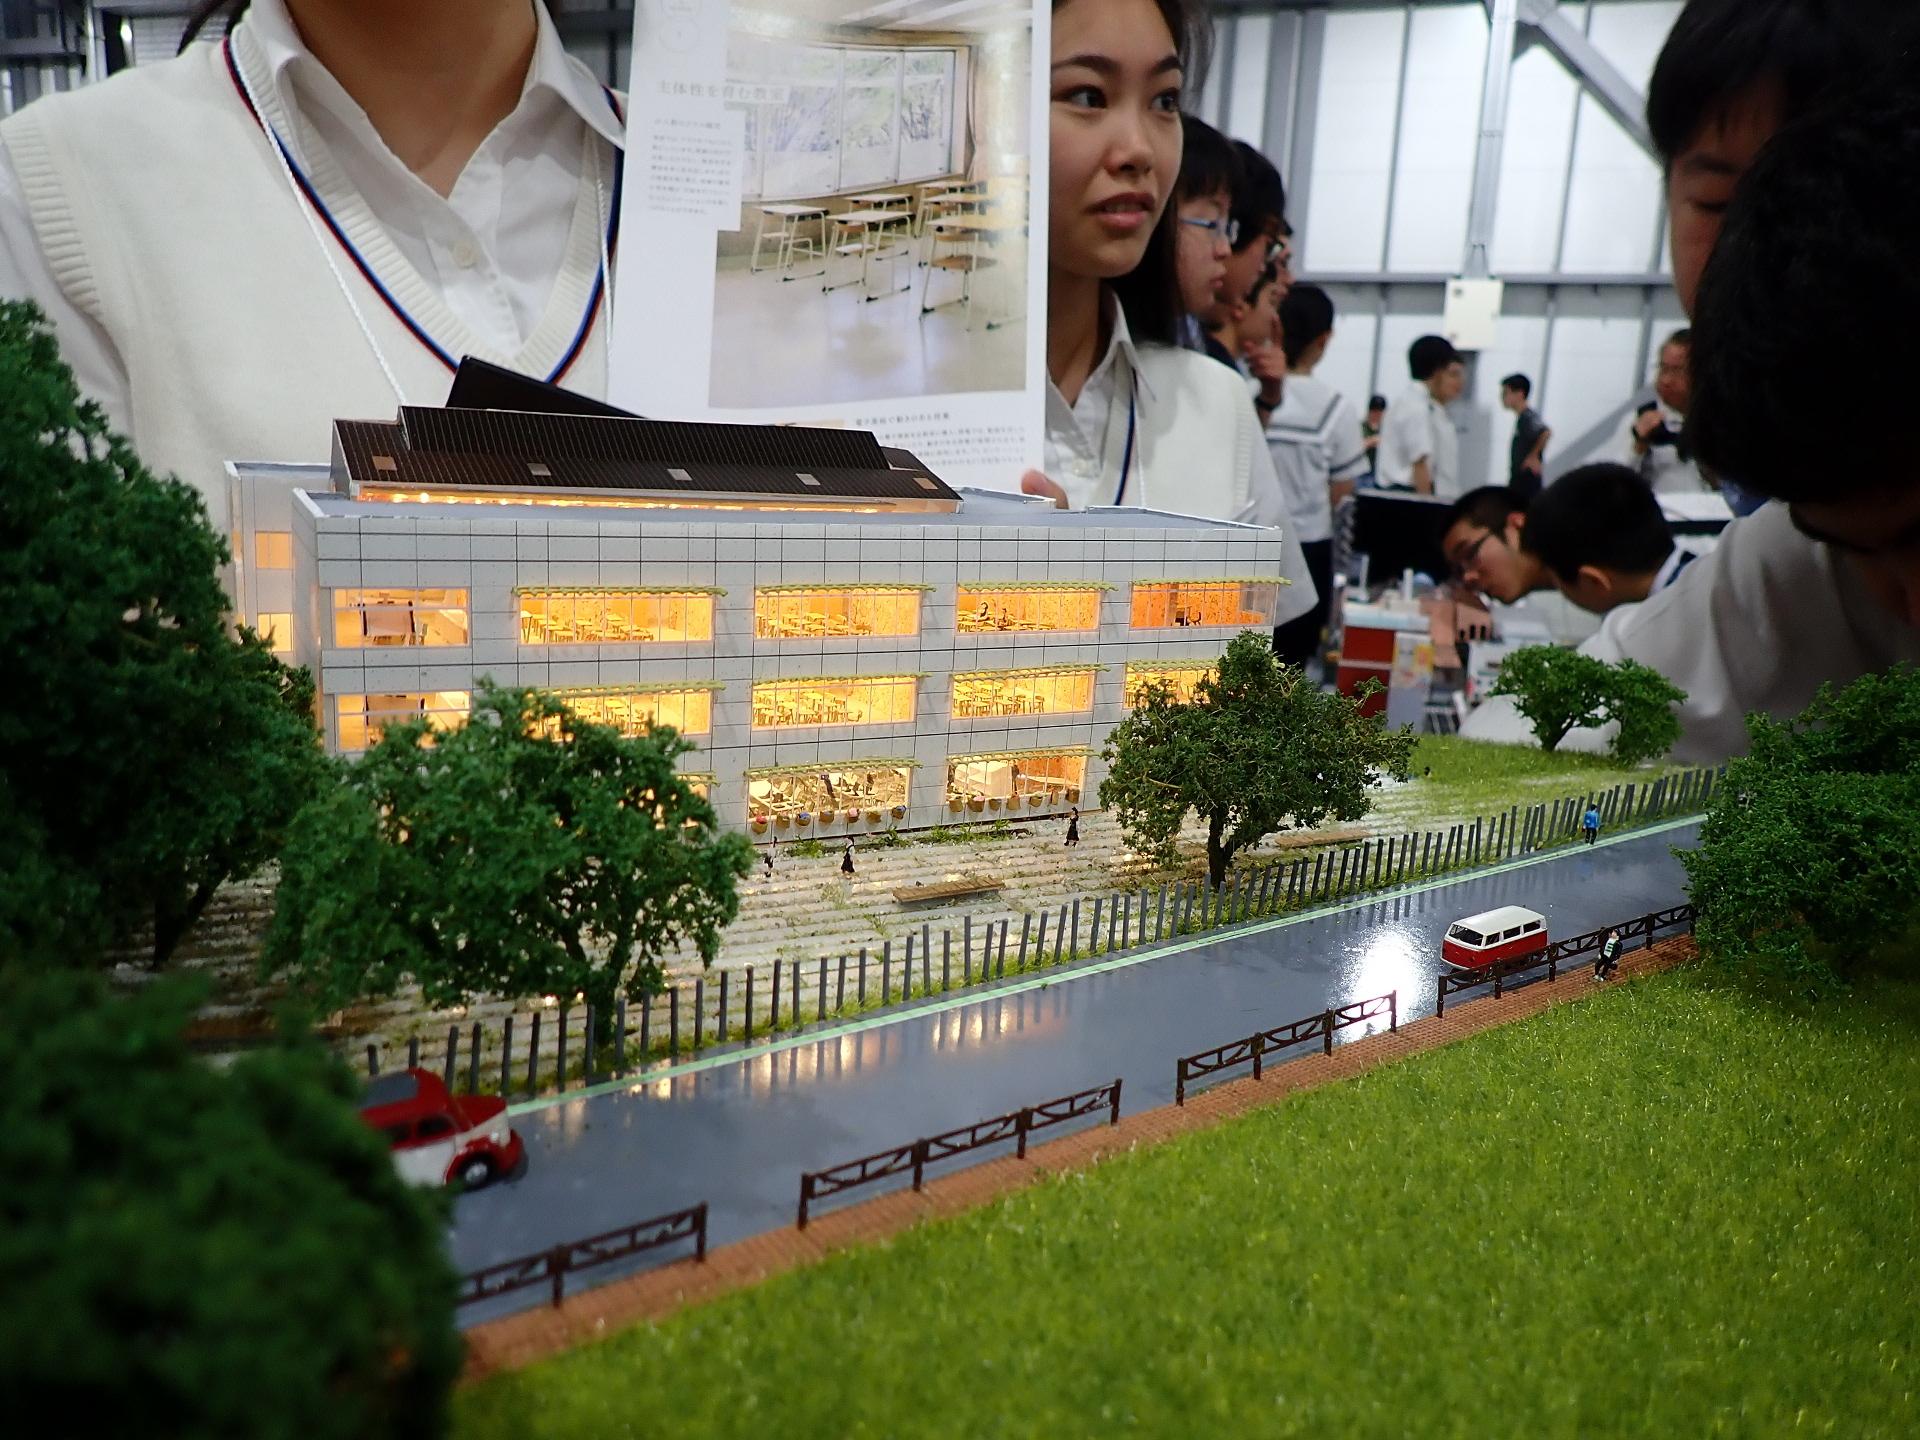 机の1つ1つの細部まで表現した学校校舎シーナリー展示。